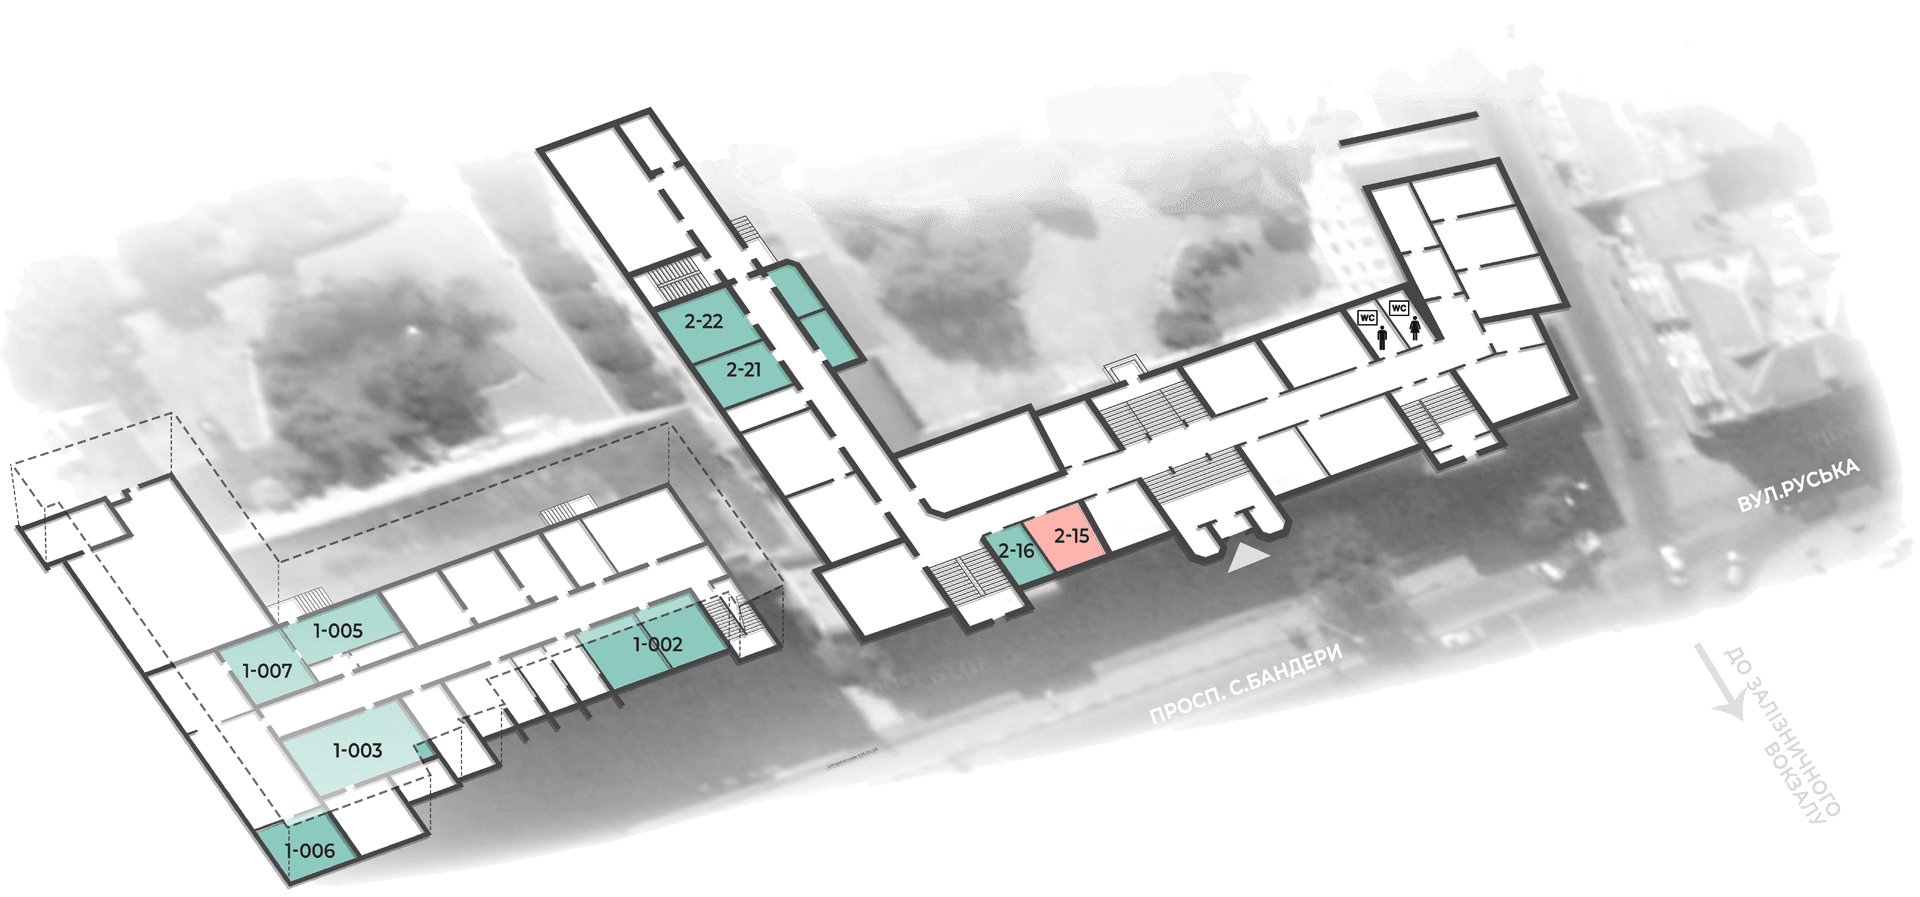 розміщення аудиторій кафедри будівельної механіки корпус тнту №1, підвальний поверх, корпус тнту №2 перший поверх